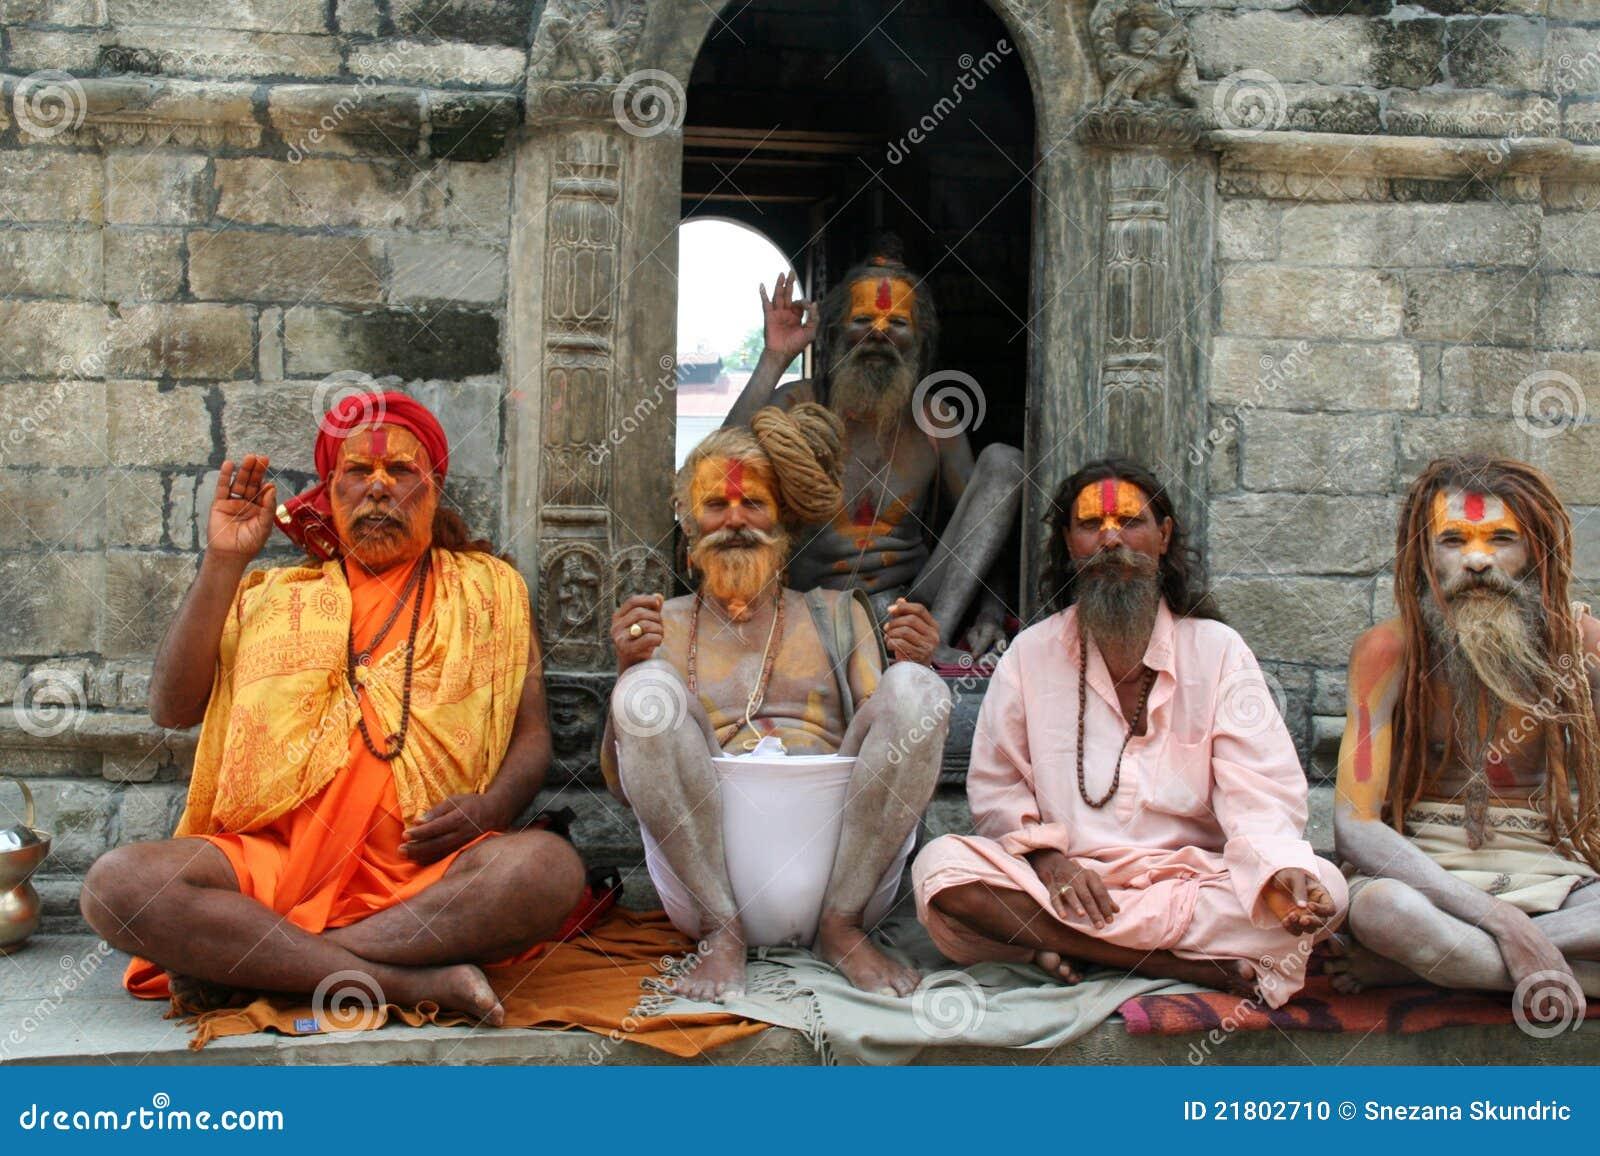 Unidentified sadhus at Pashupatinath Temple in Kathmandu, Nepal. Sadhu ...